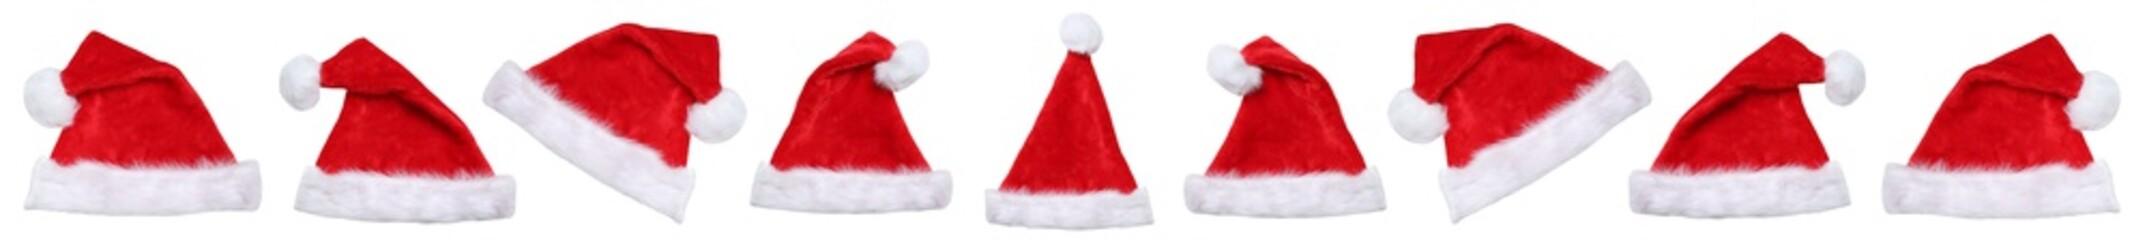 Weihnachtsmützen Weihnachtsmütze Mützen vom Weihnachtsmann Ni